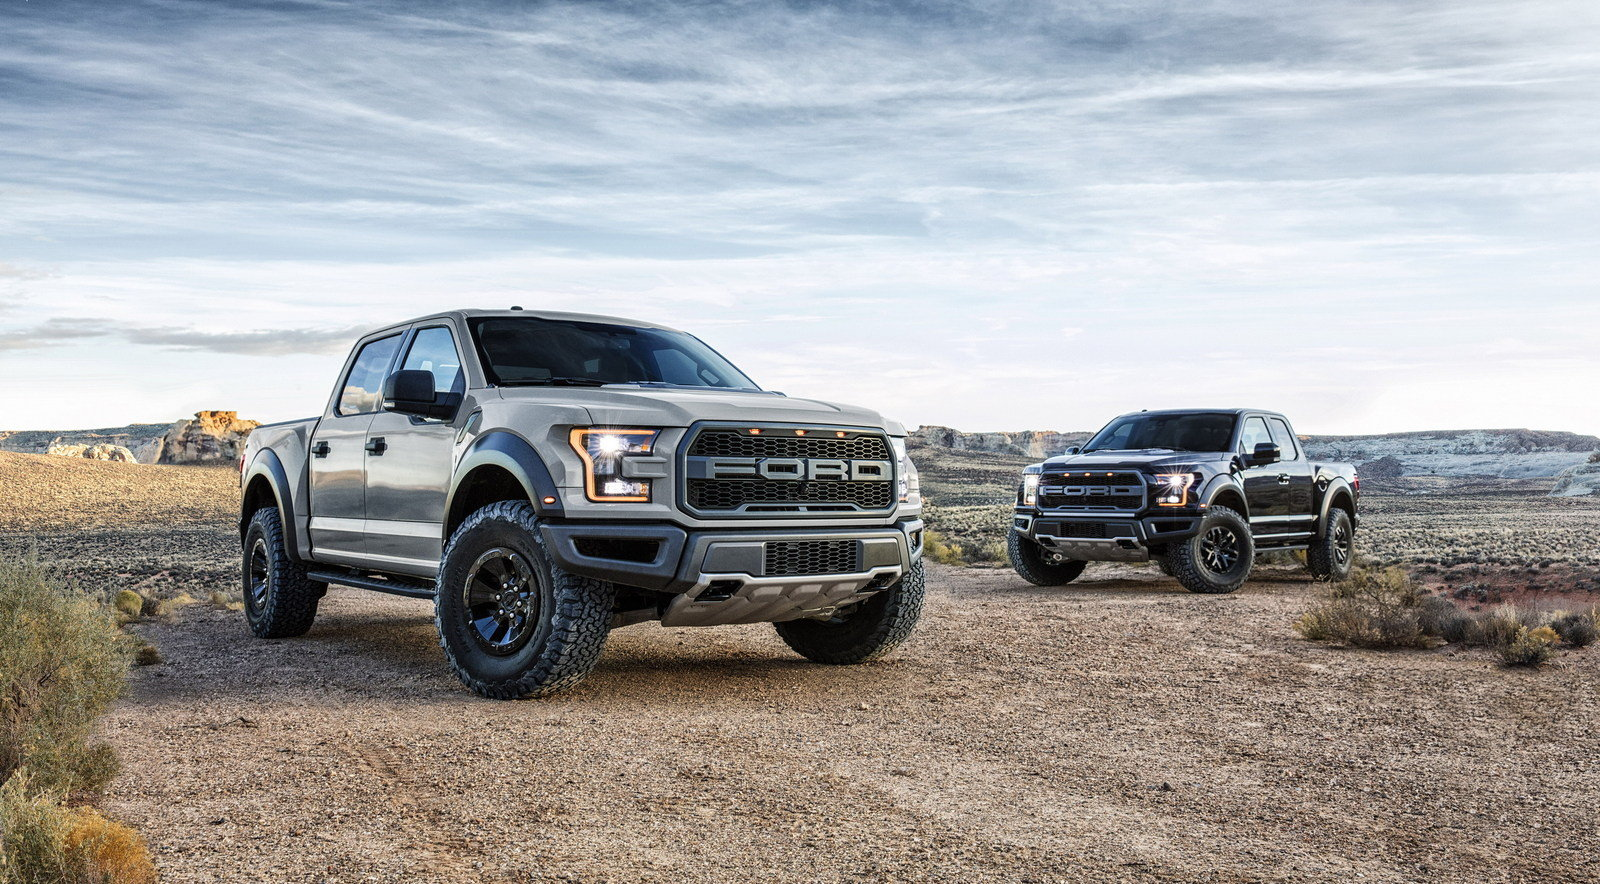 2019 Ford Ranger4